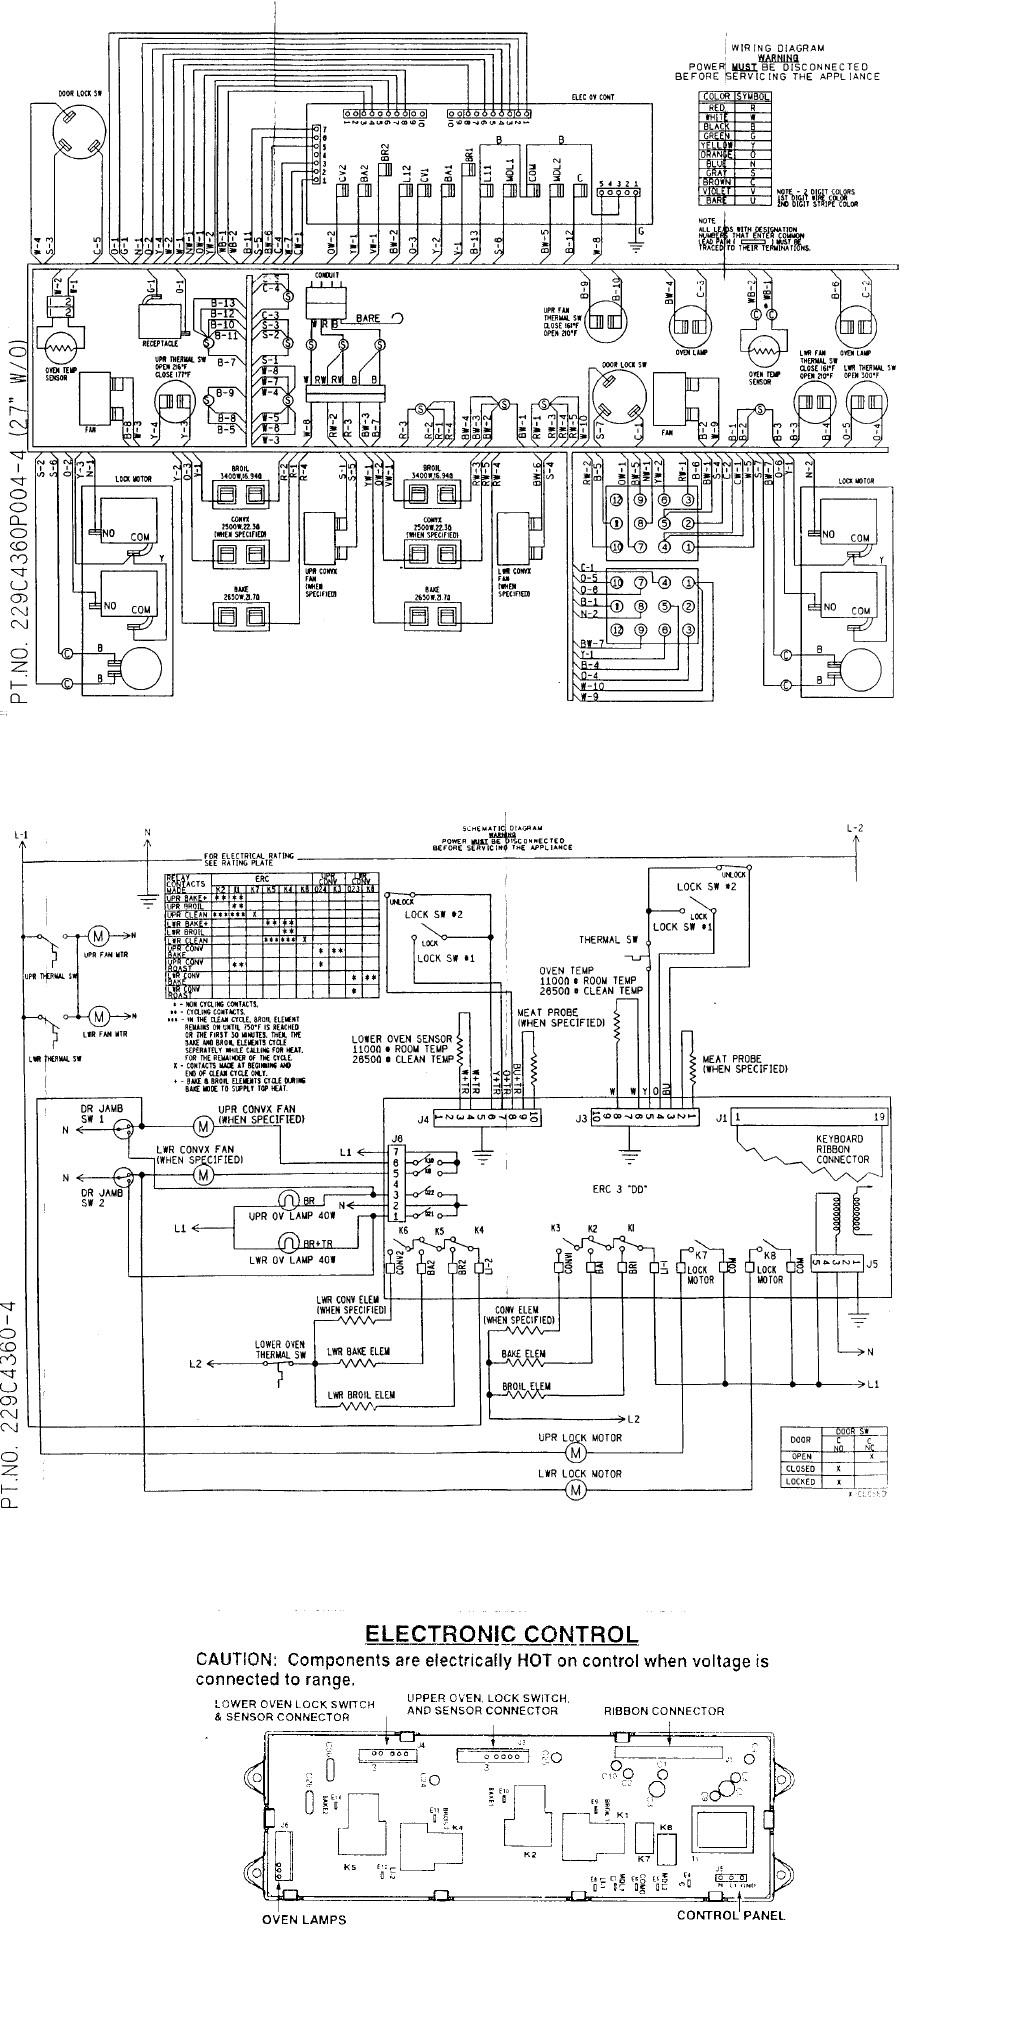 I have a GE double oven model JKP56BA2BB vintage 2001